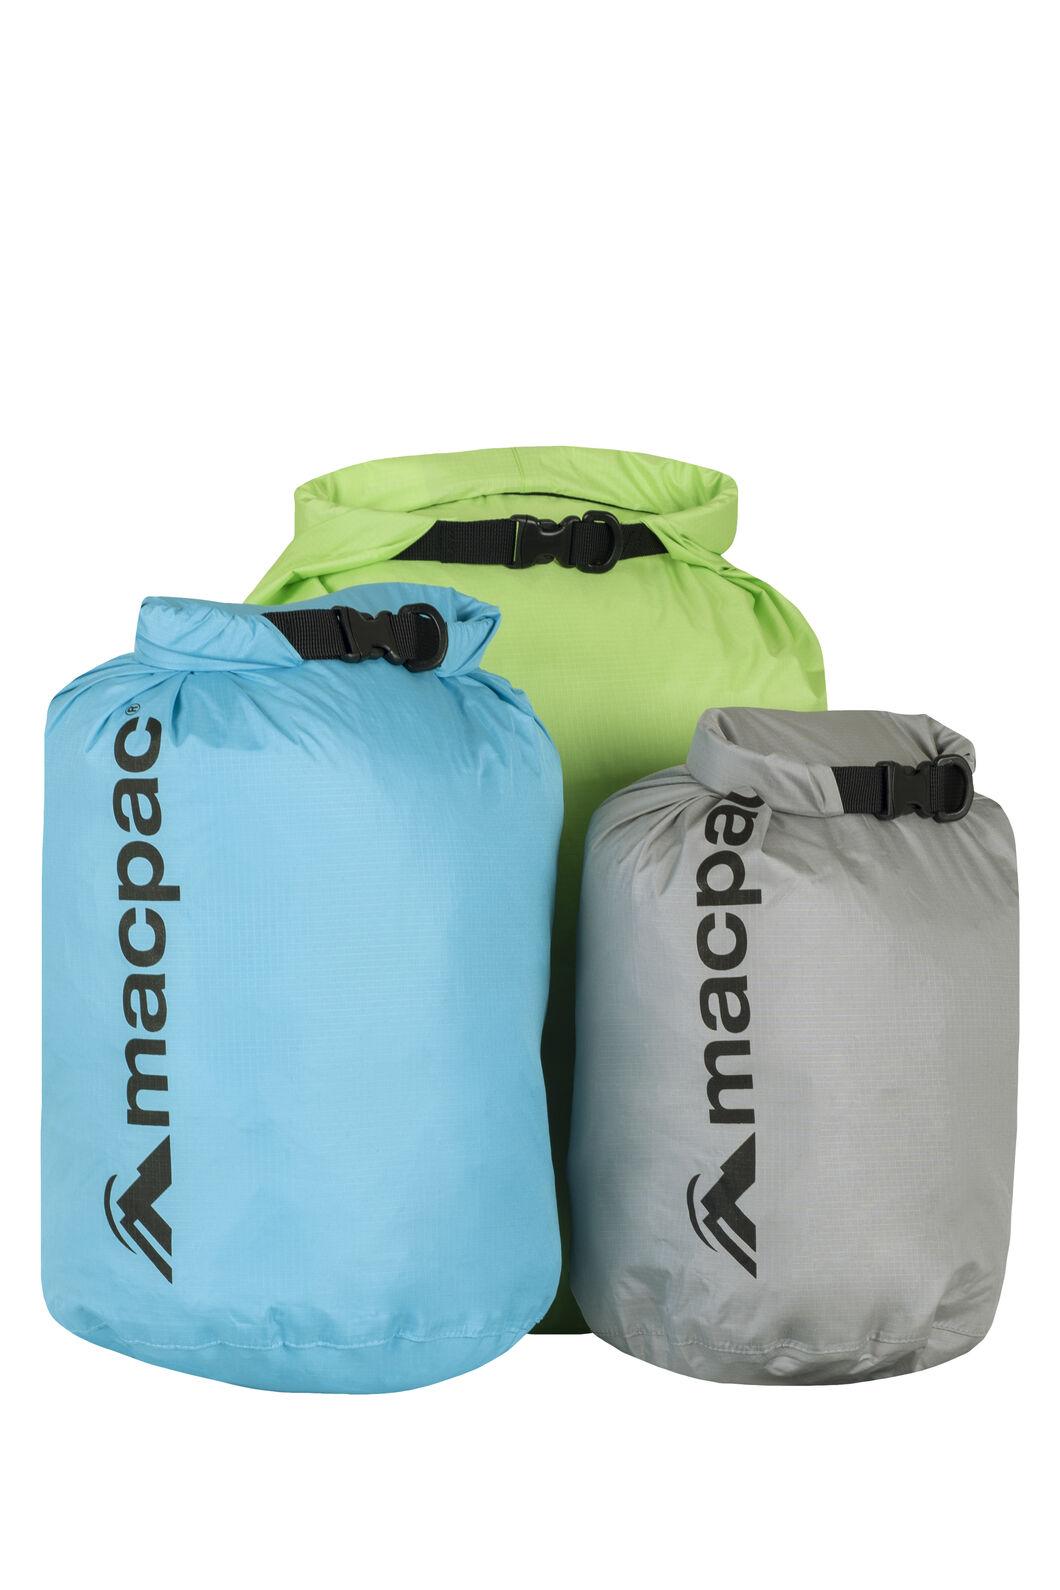 Macpac Lightweight Dry Bags — 3pk 5/10/15L, Multi, hi-res